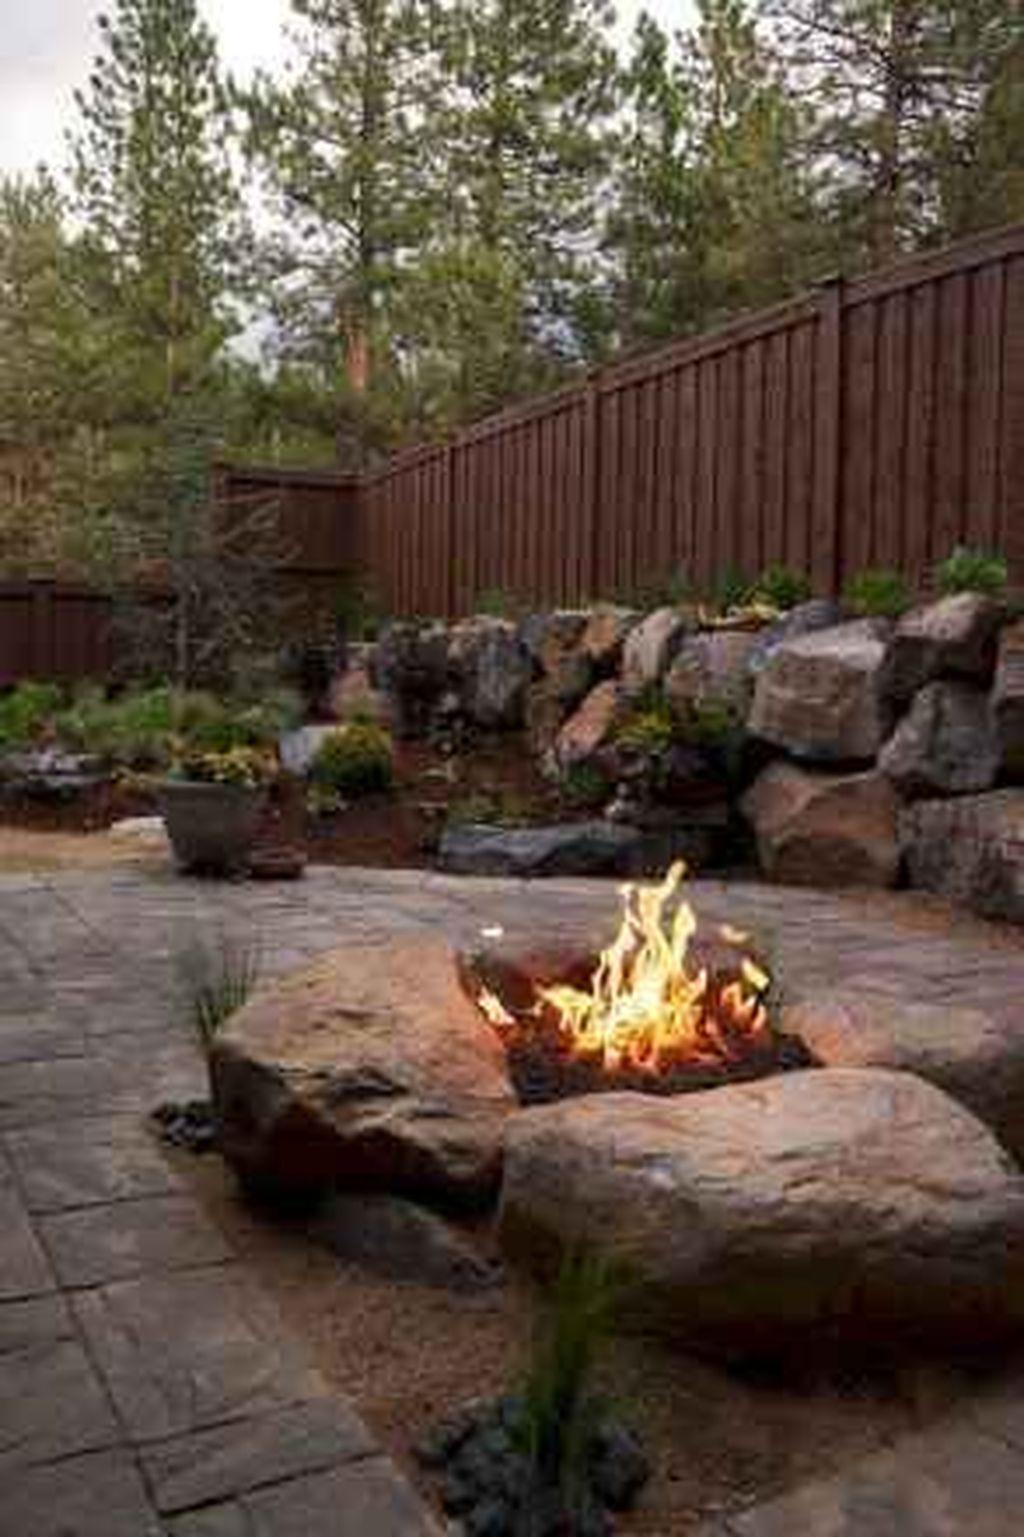 Inspiring Backyard Fire Pit Ideas 16